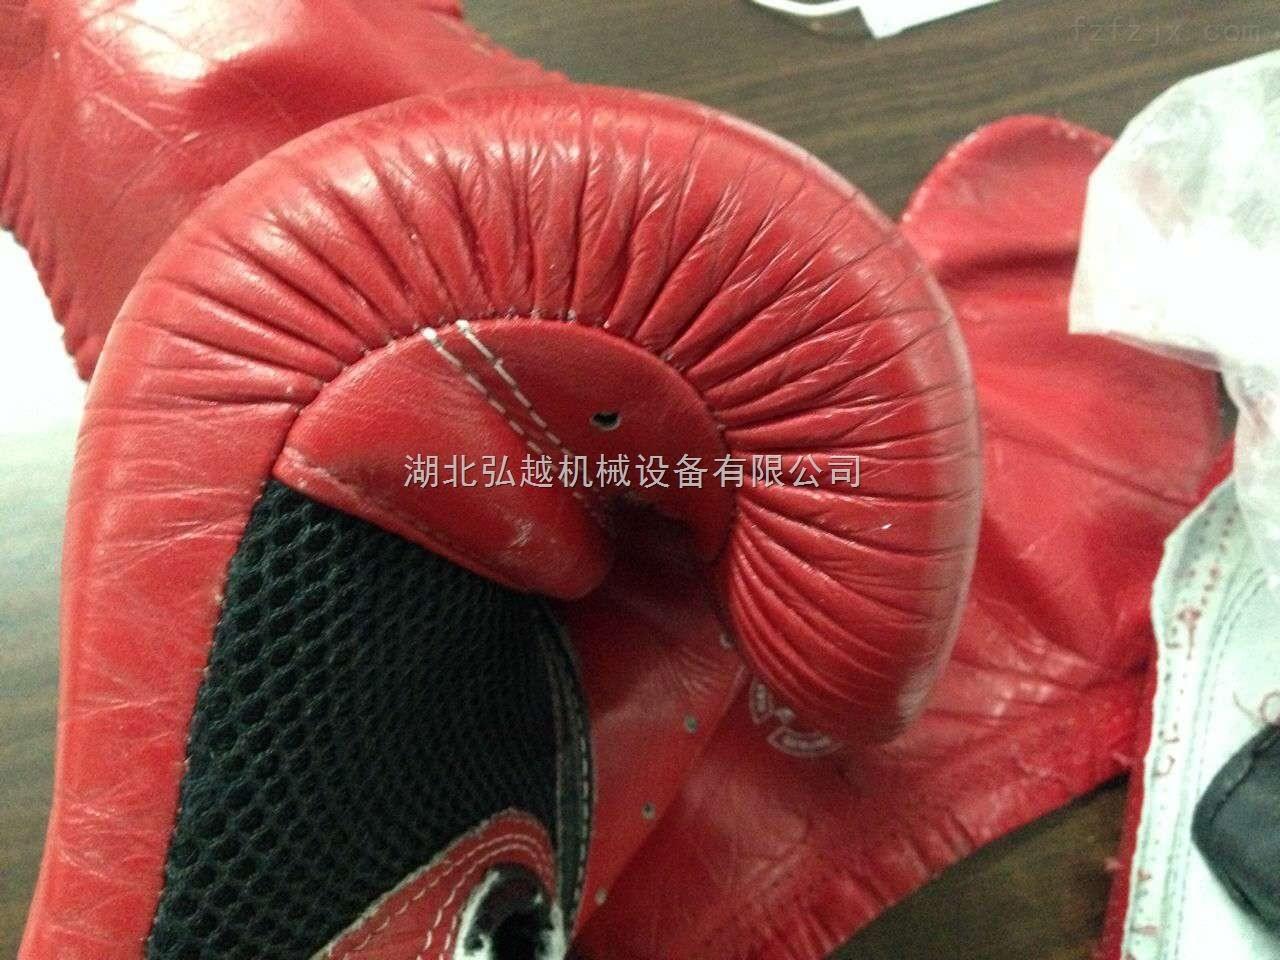 拳击手套打摺机服装打皱打折机